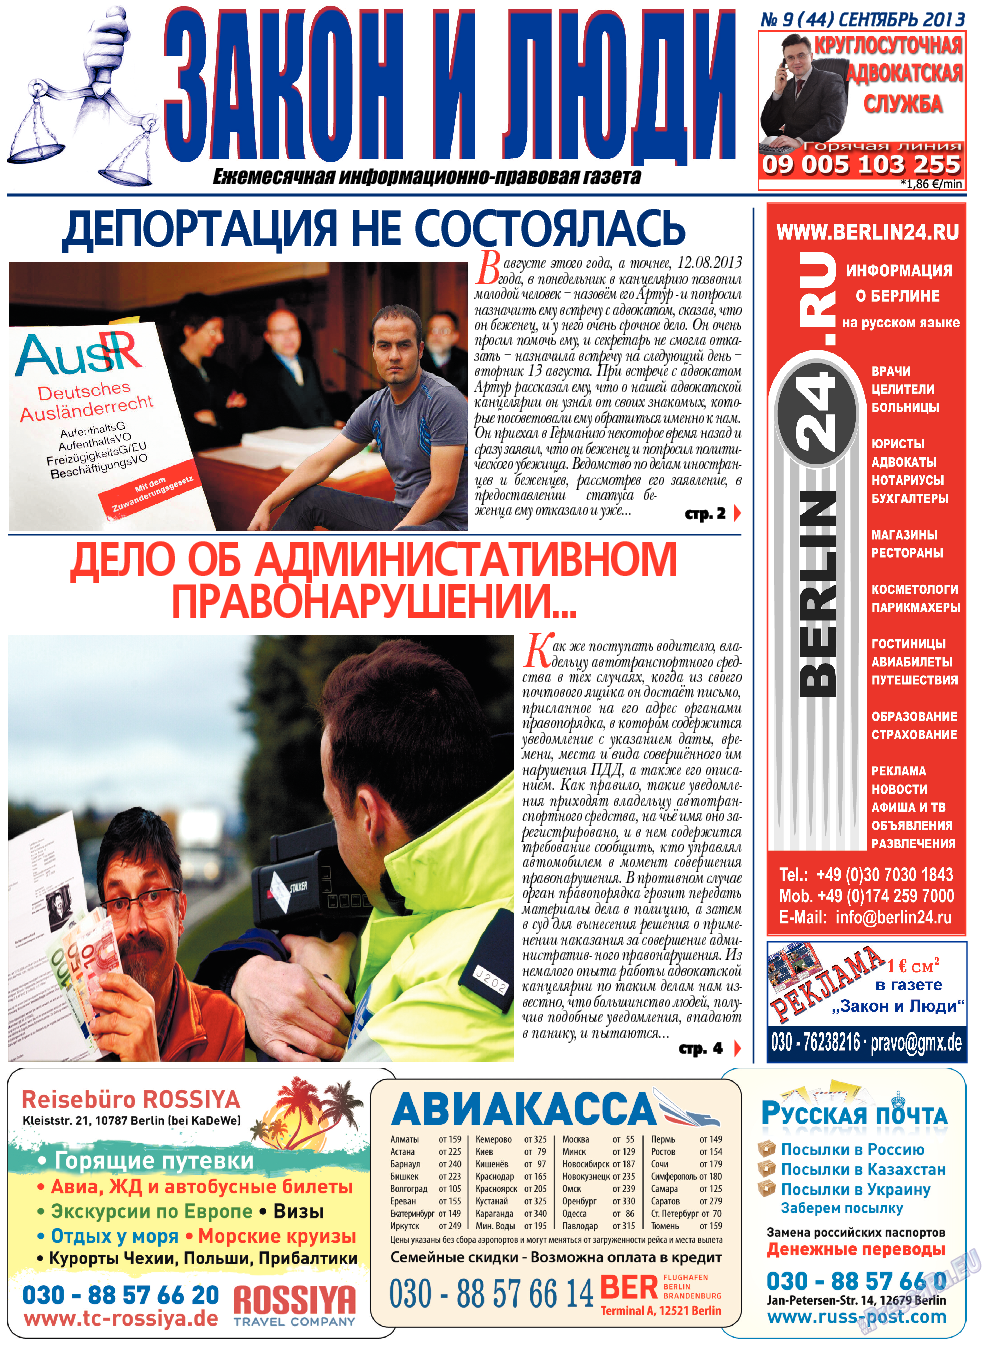 Закон и люди (газета). 2013 год, номер 9, стр. 1